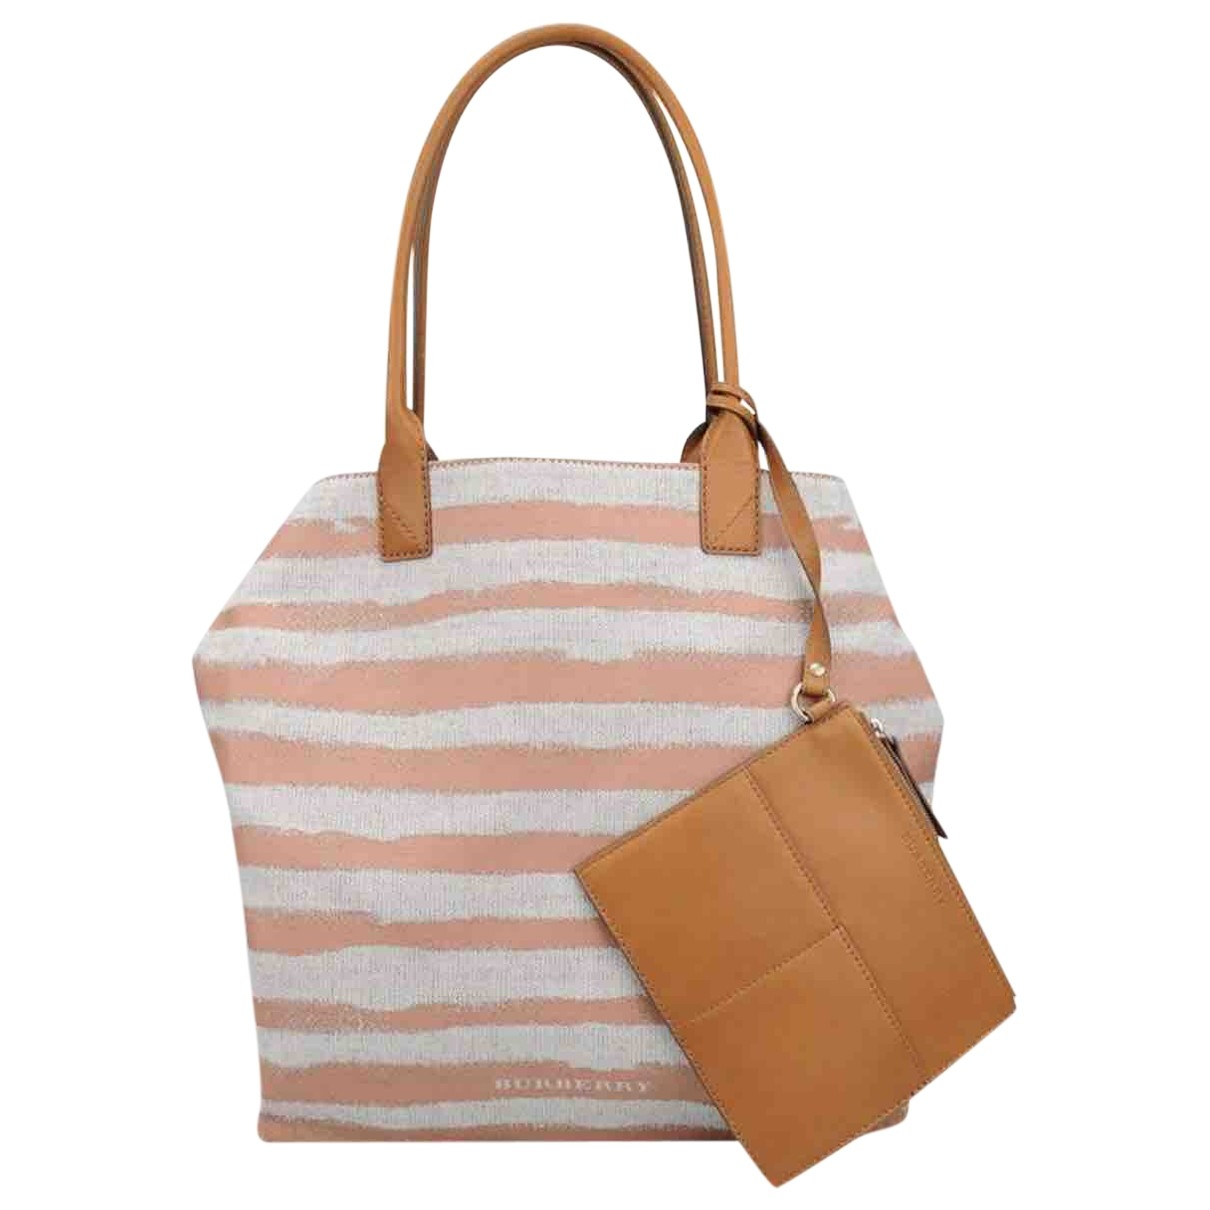 Burberry \N Handtasche in  Bunt Leinen